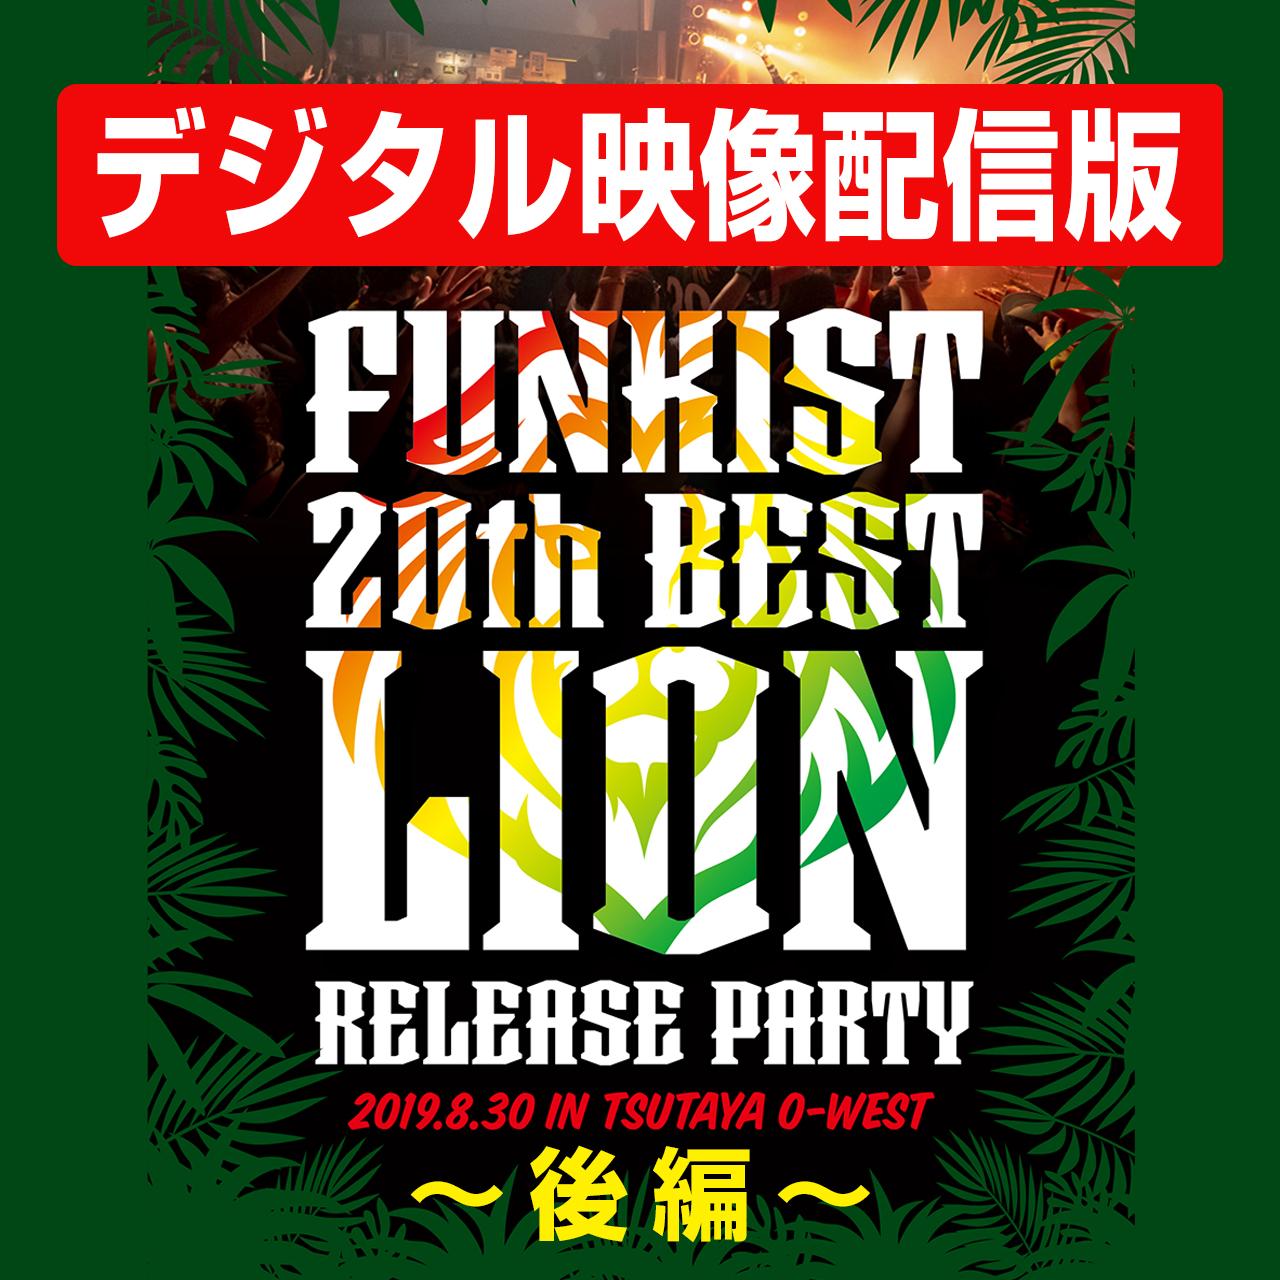 【デジタル配信】ライブ映像3/3(後編)FUNKIST 20th BEST -LION- リリースパーティ in SHIBUYA TSUTAYA O-WEST